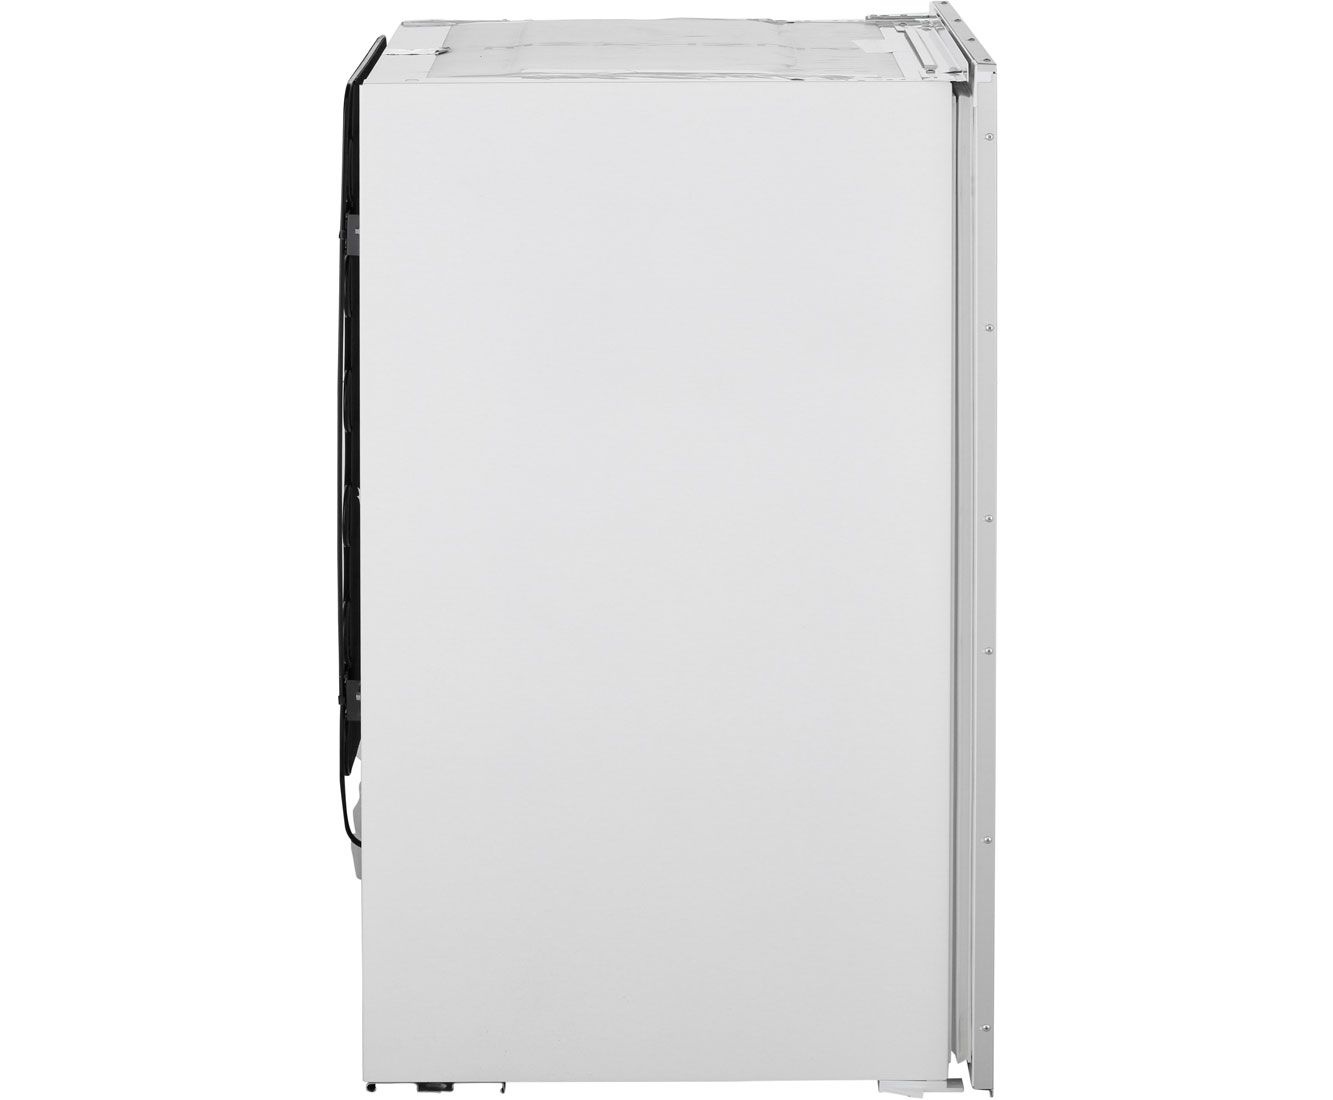 Kühlschrank Nach Aufbau Stehen Lassen : Zanussi zba wa einbau kühlschrank mit gefrierfach er